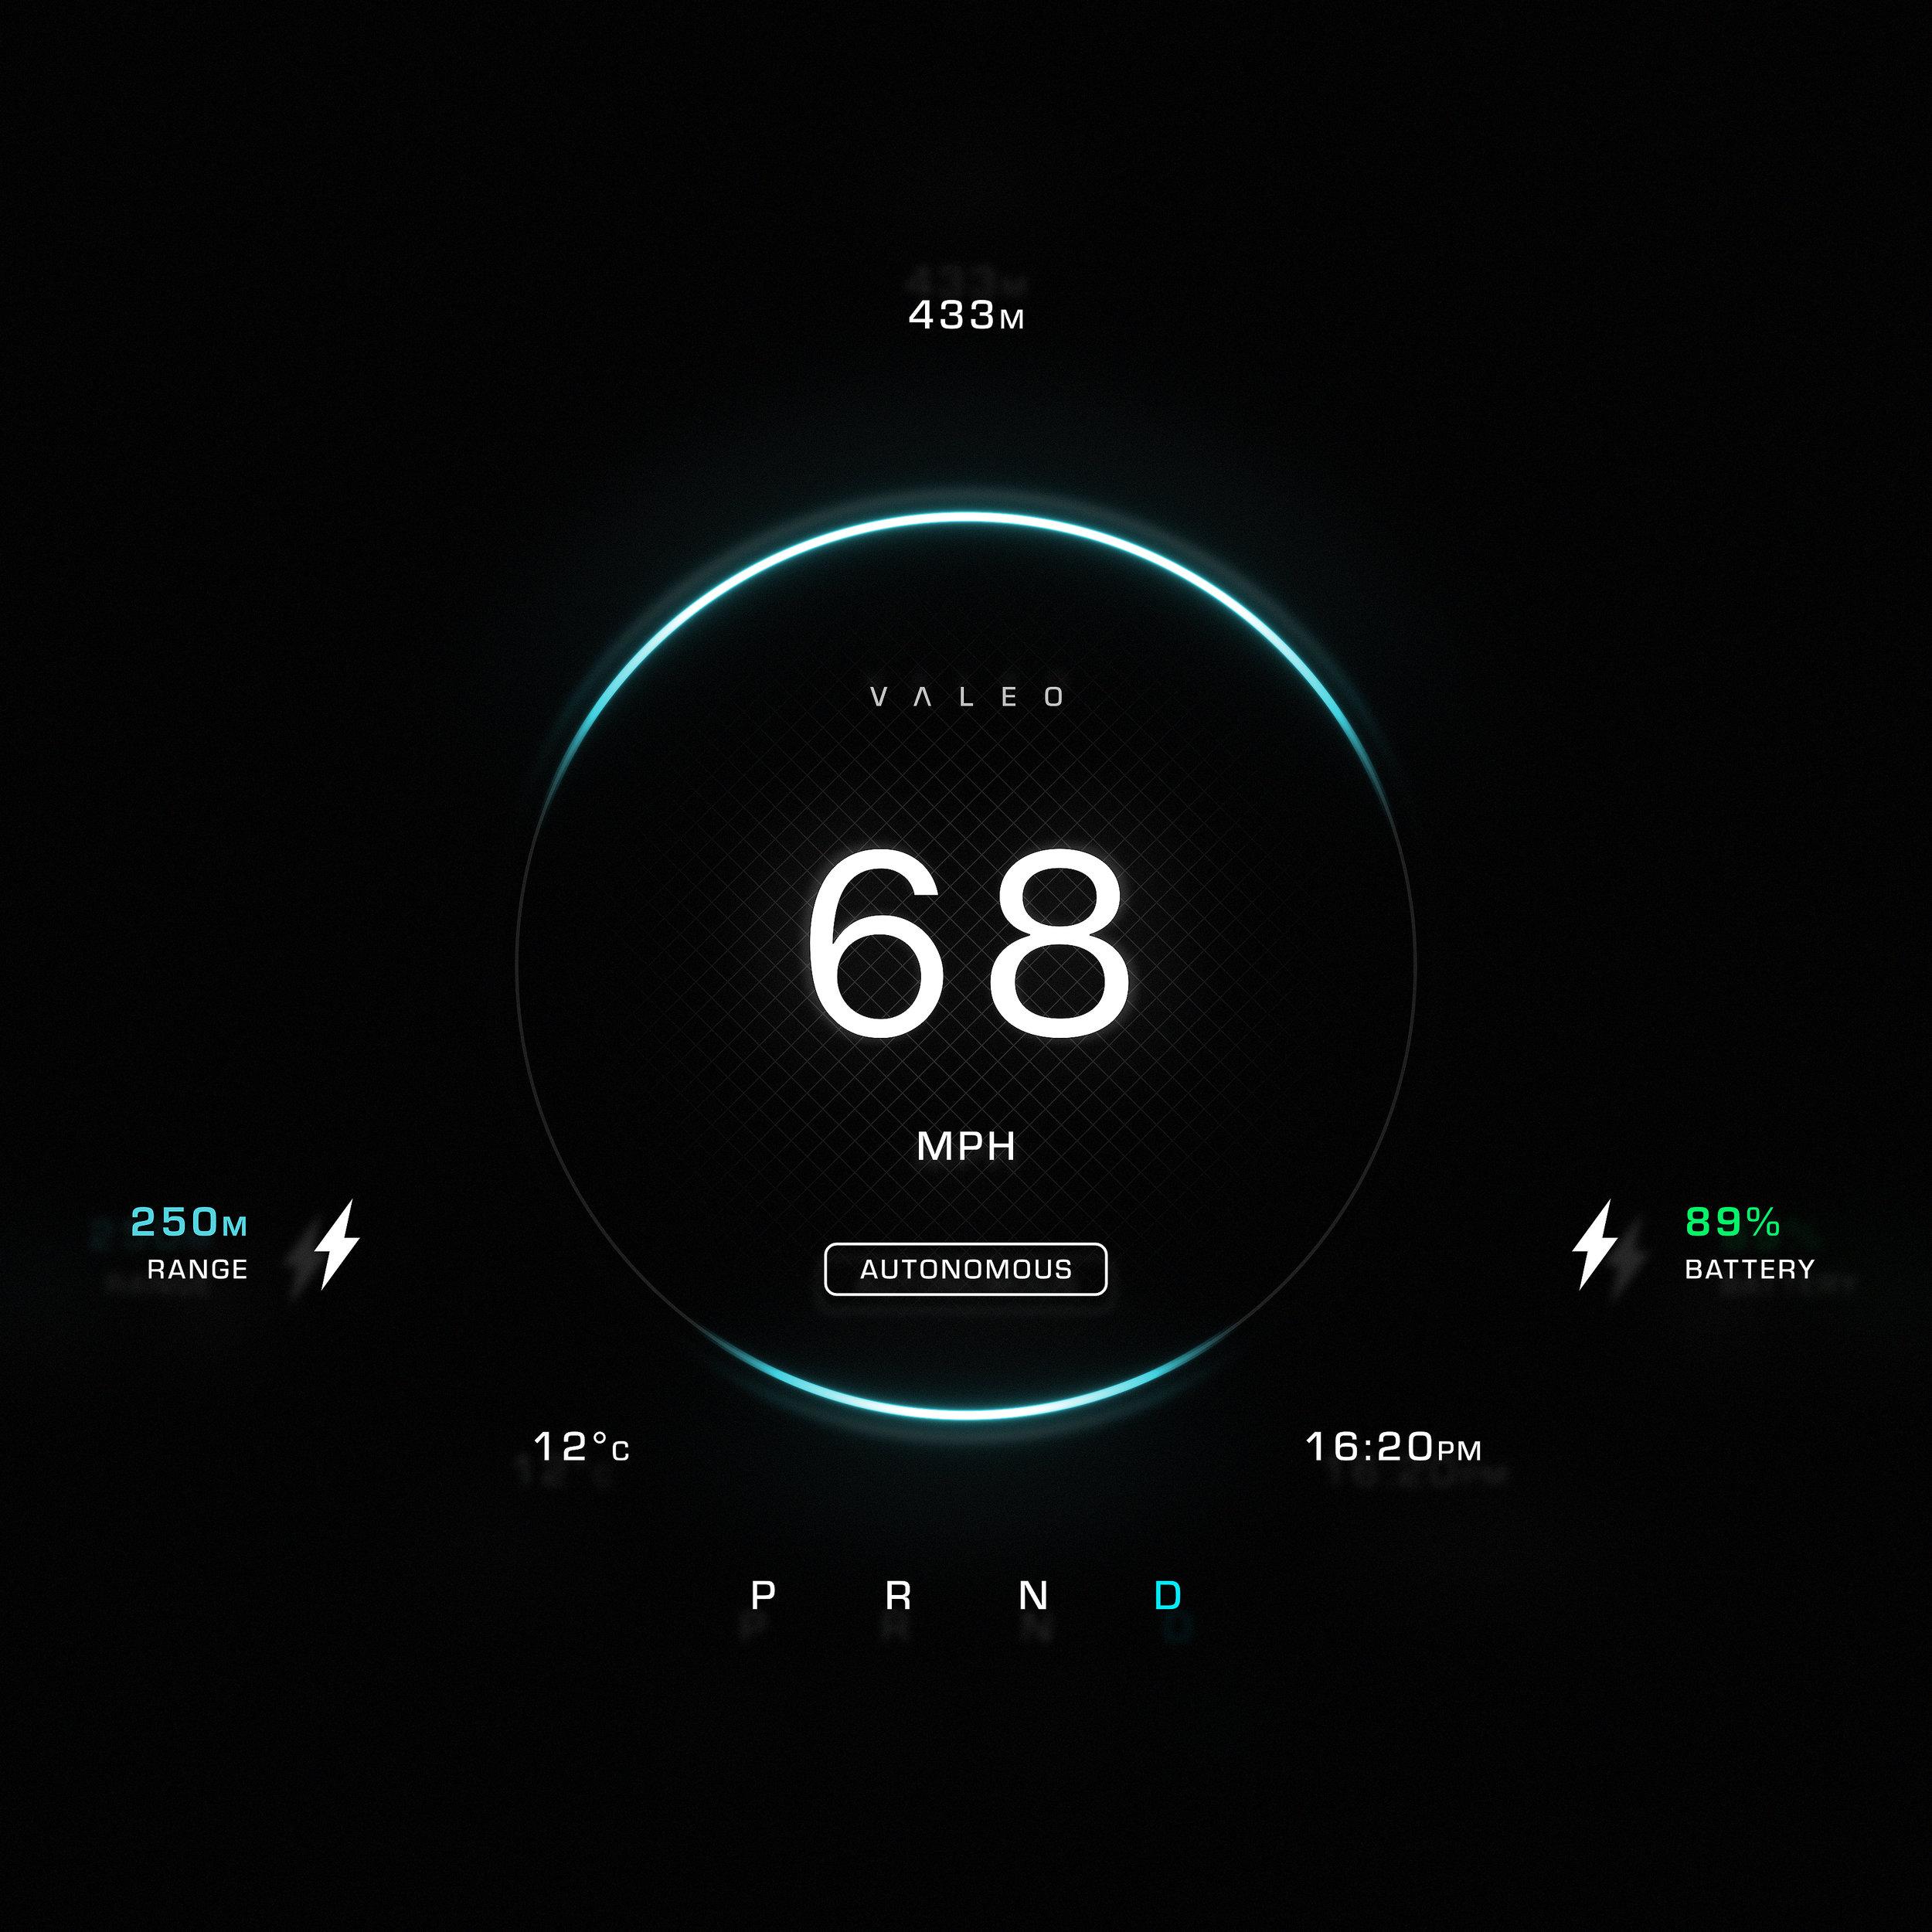 Valeo_Speedometer-Auto_01_Treated_01.jpg